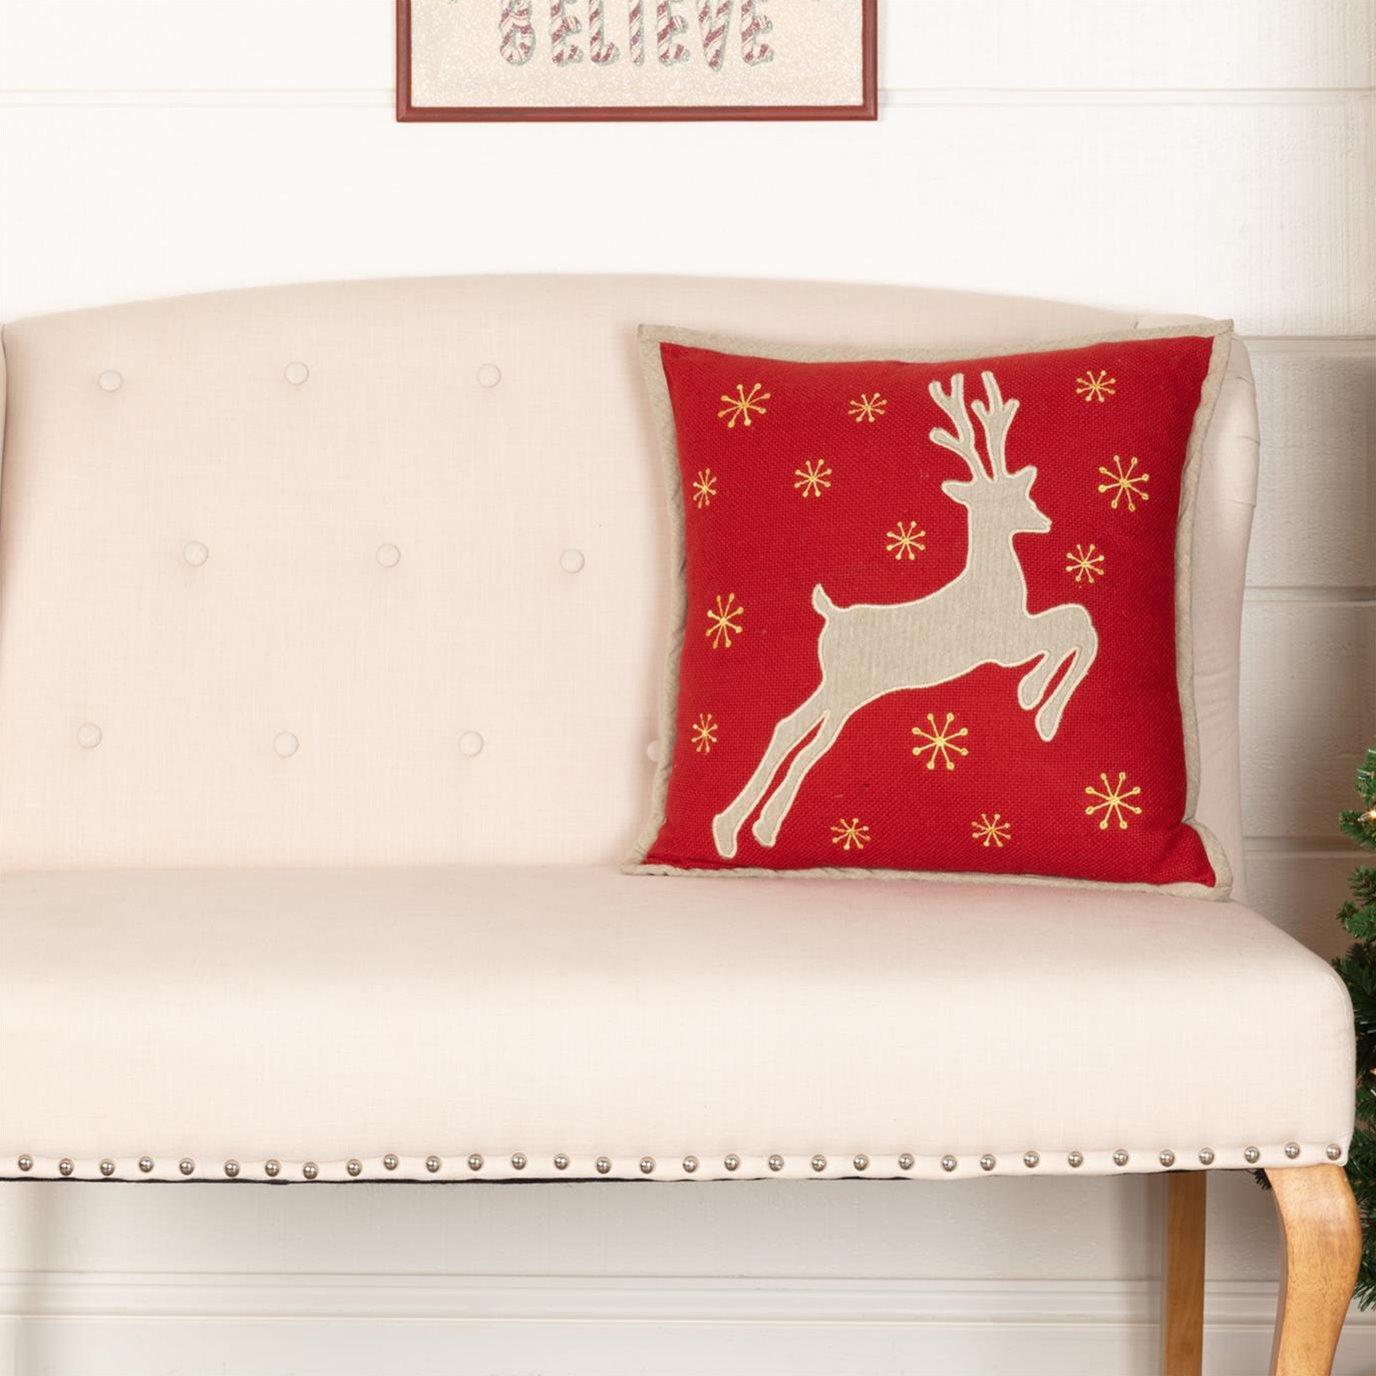 Burlap Santa Reindeer Pillow 18x18